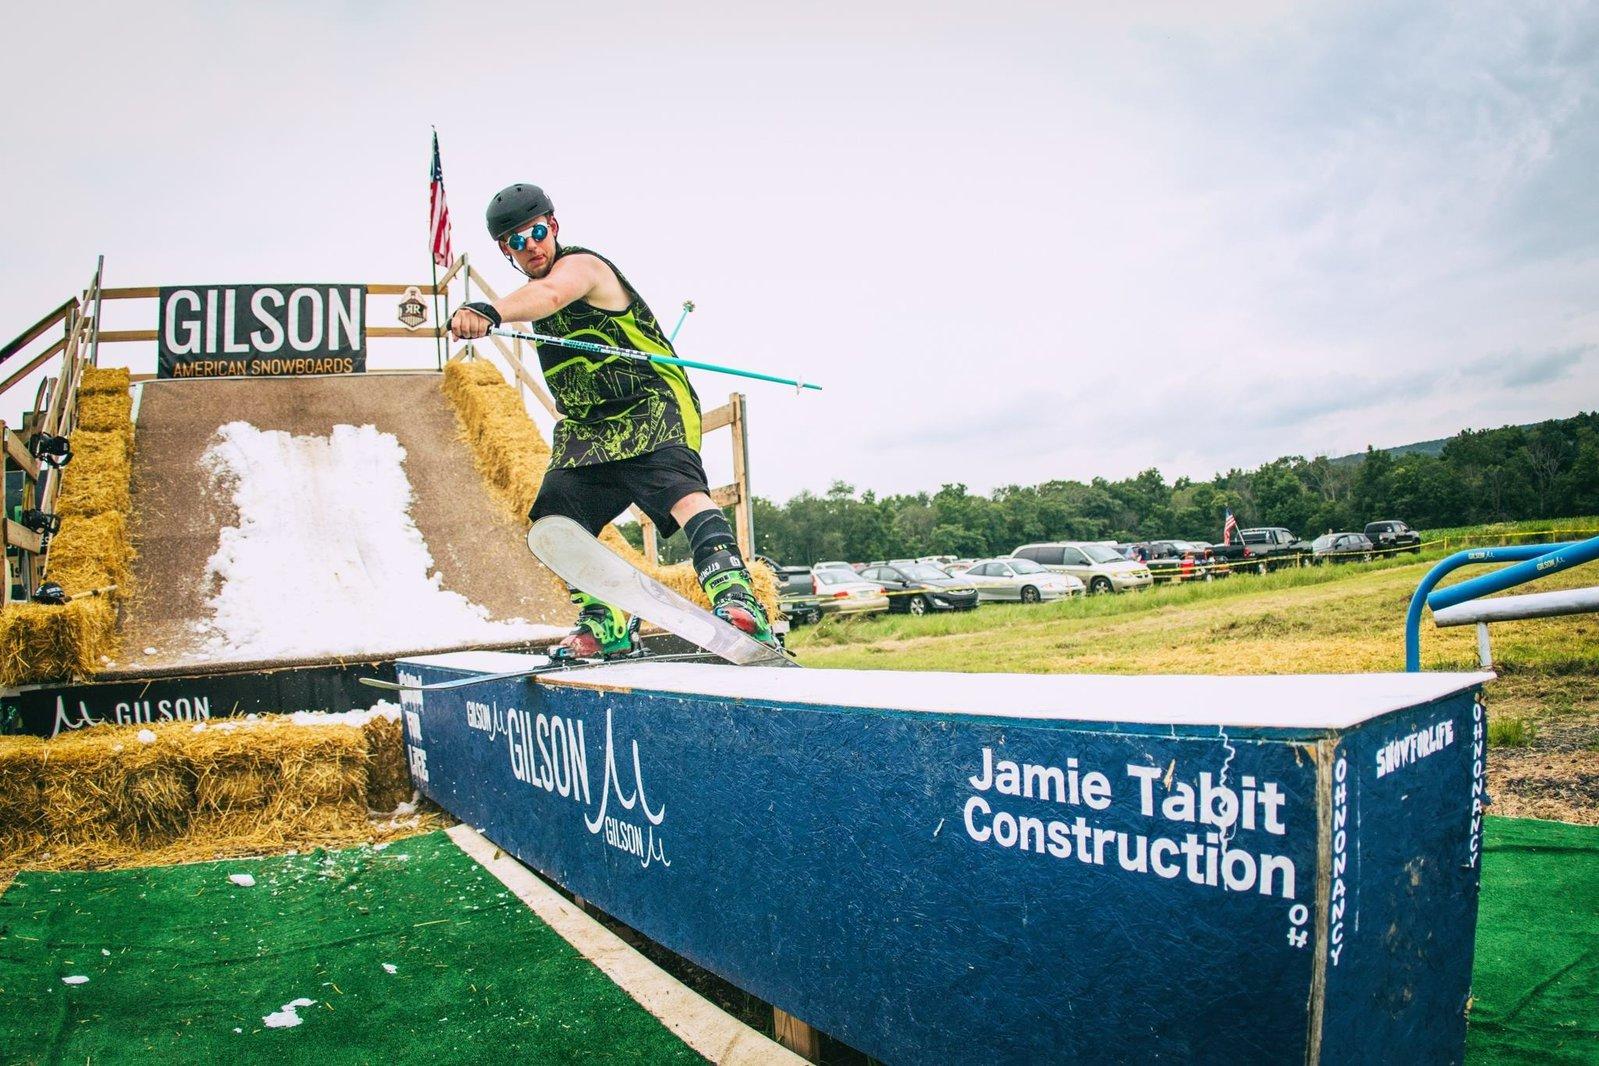 Gilson Skis